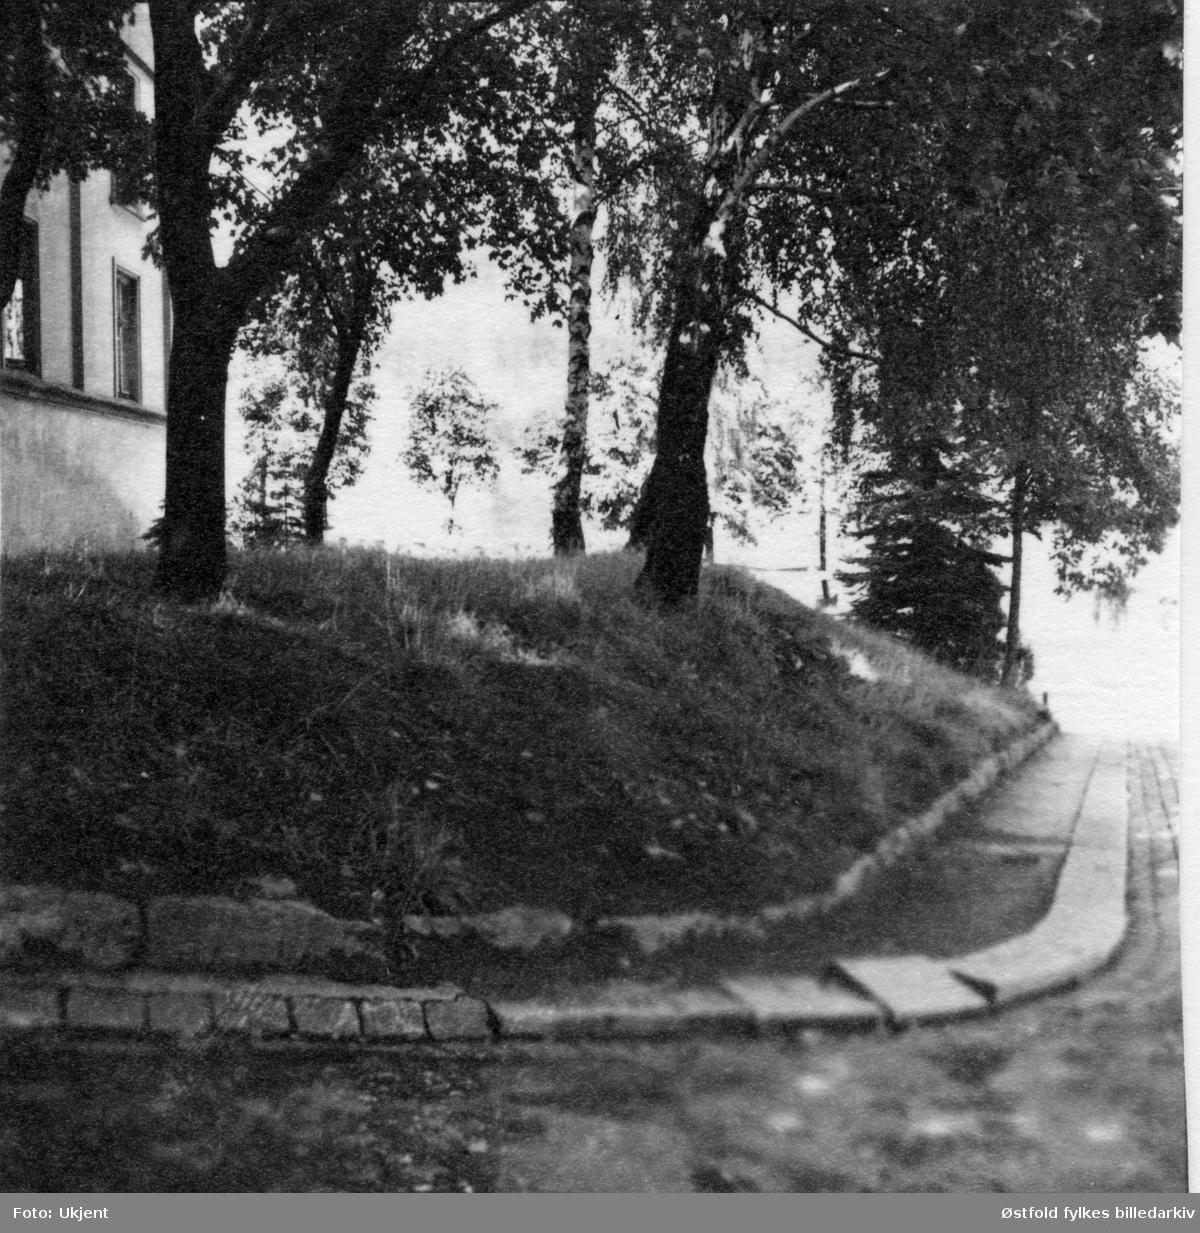 Rester av Olavsvollen i hagen til Borregaardsveien (ved St. Mariegate), Sarpsborg 1950.